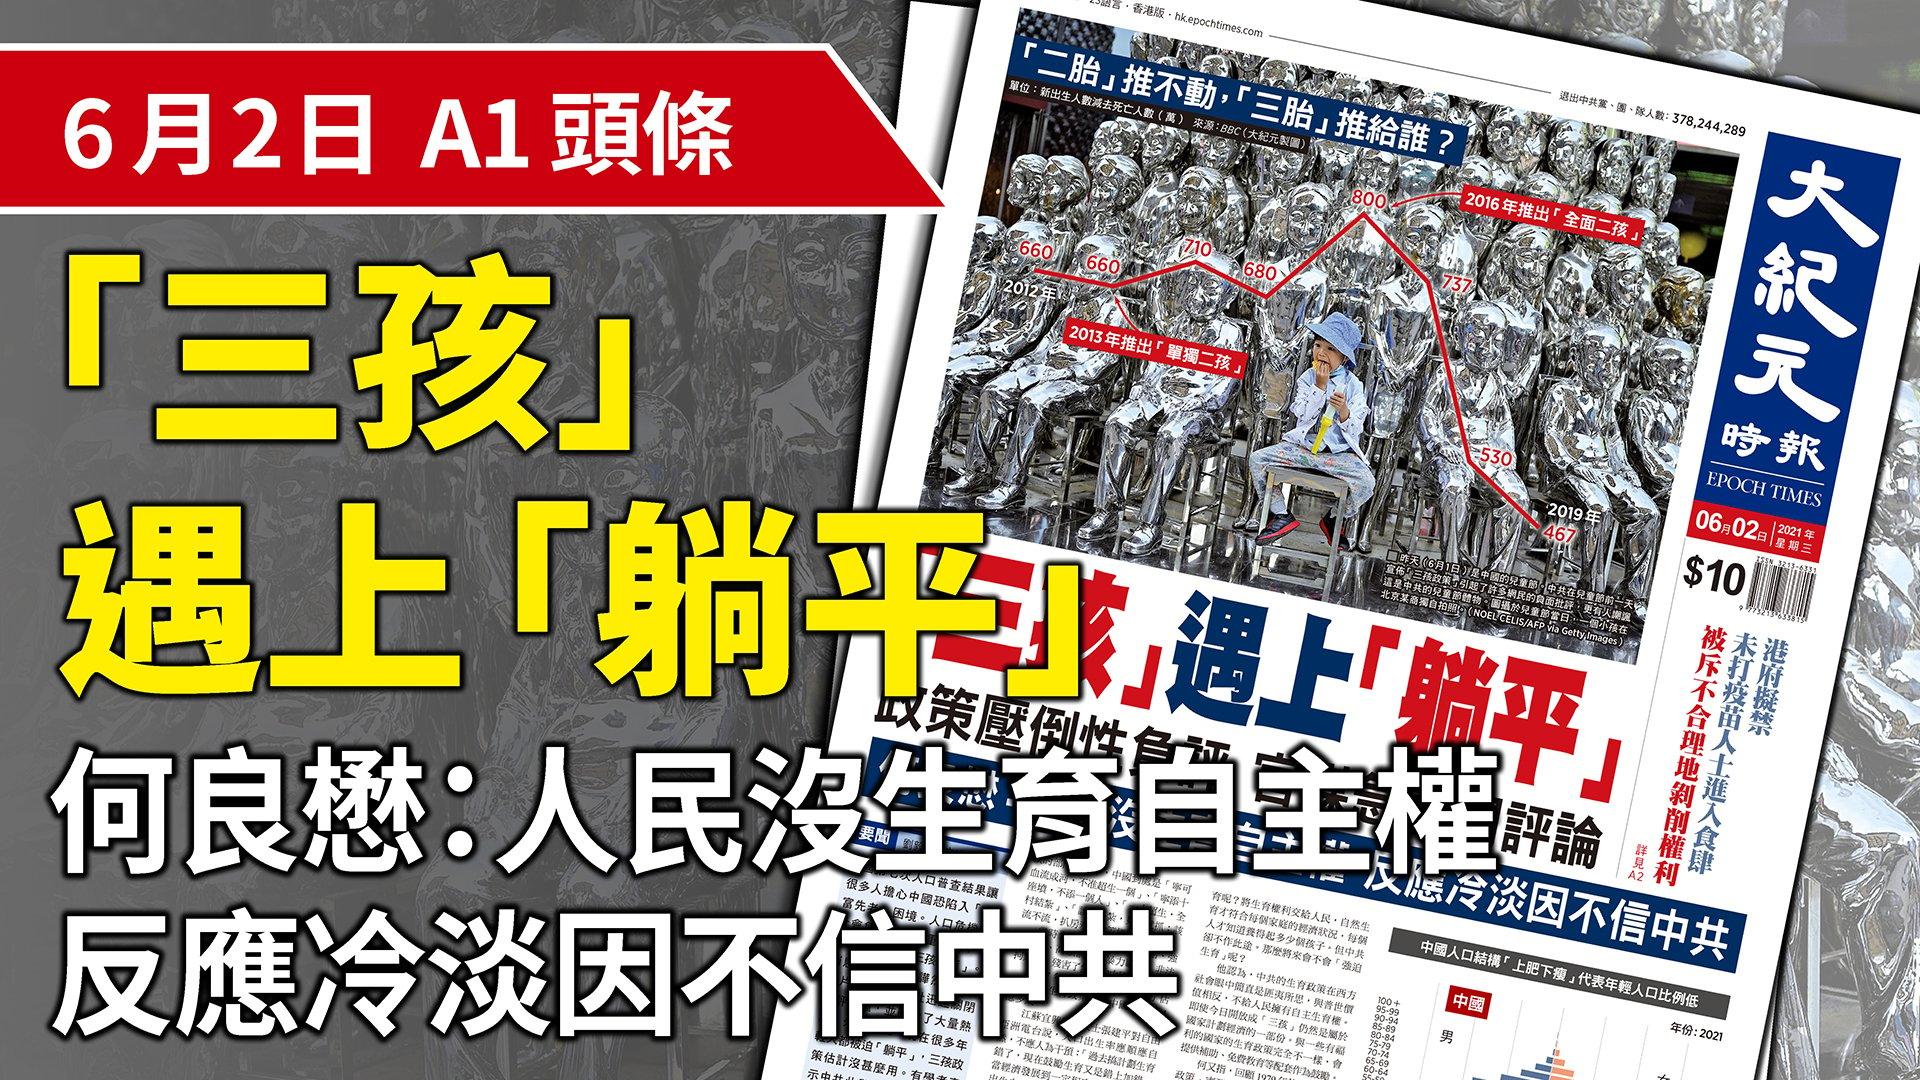 昨天(6月1日)是中國的兒童節。中共在兒童節前一天 宣佈「三孩政策」引起了許多網民的負面批評,更有人謿諷 這是中共的兒童節體物。(大紀元製圖)